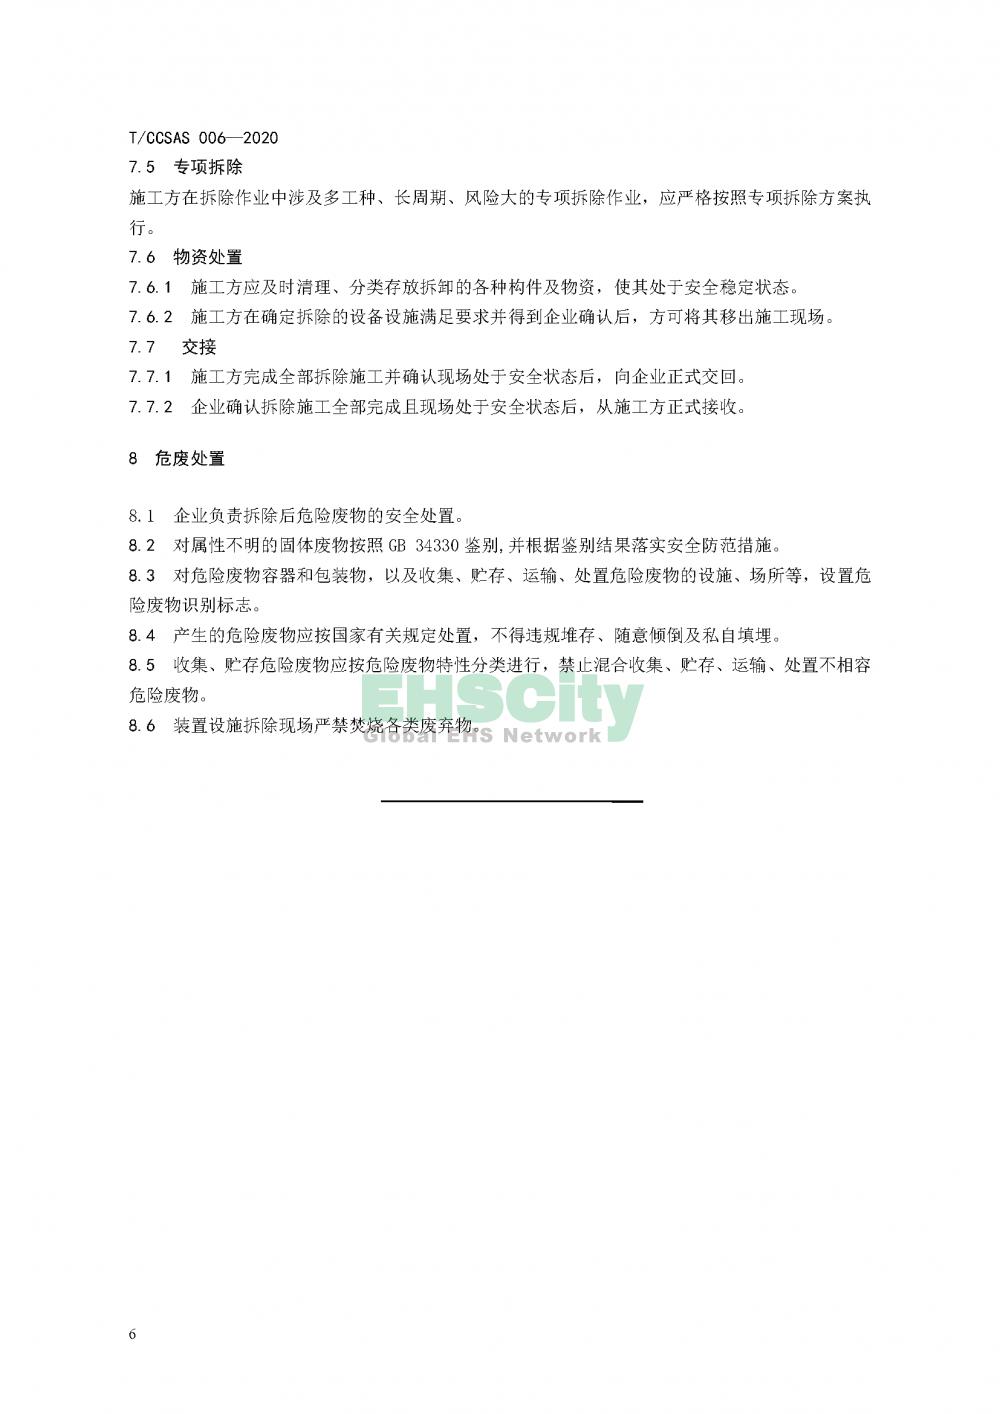 《化工企业装置设施拆除安全管理规范》_页面_12